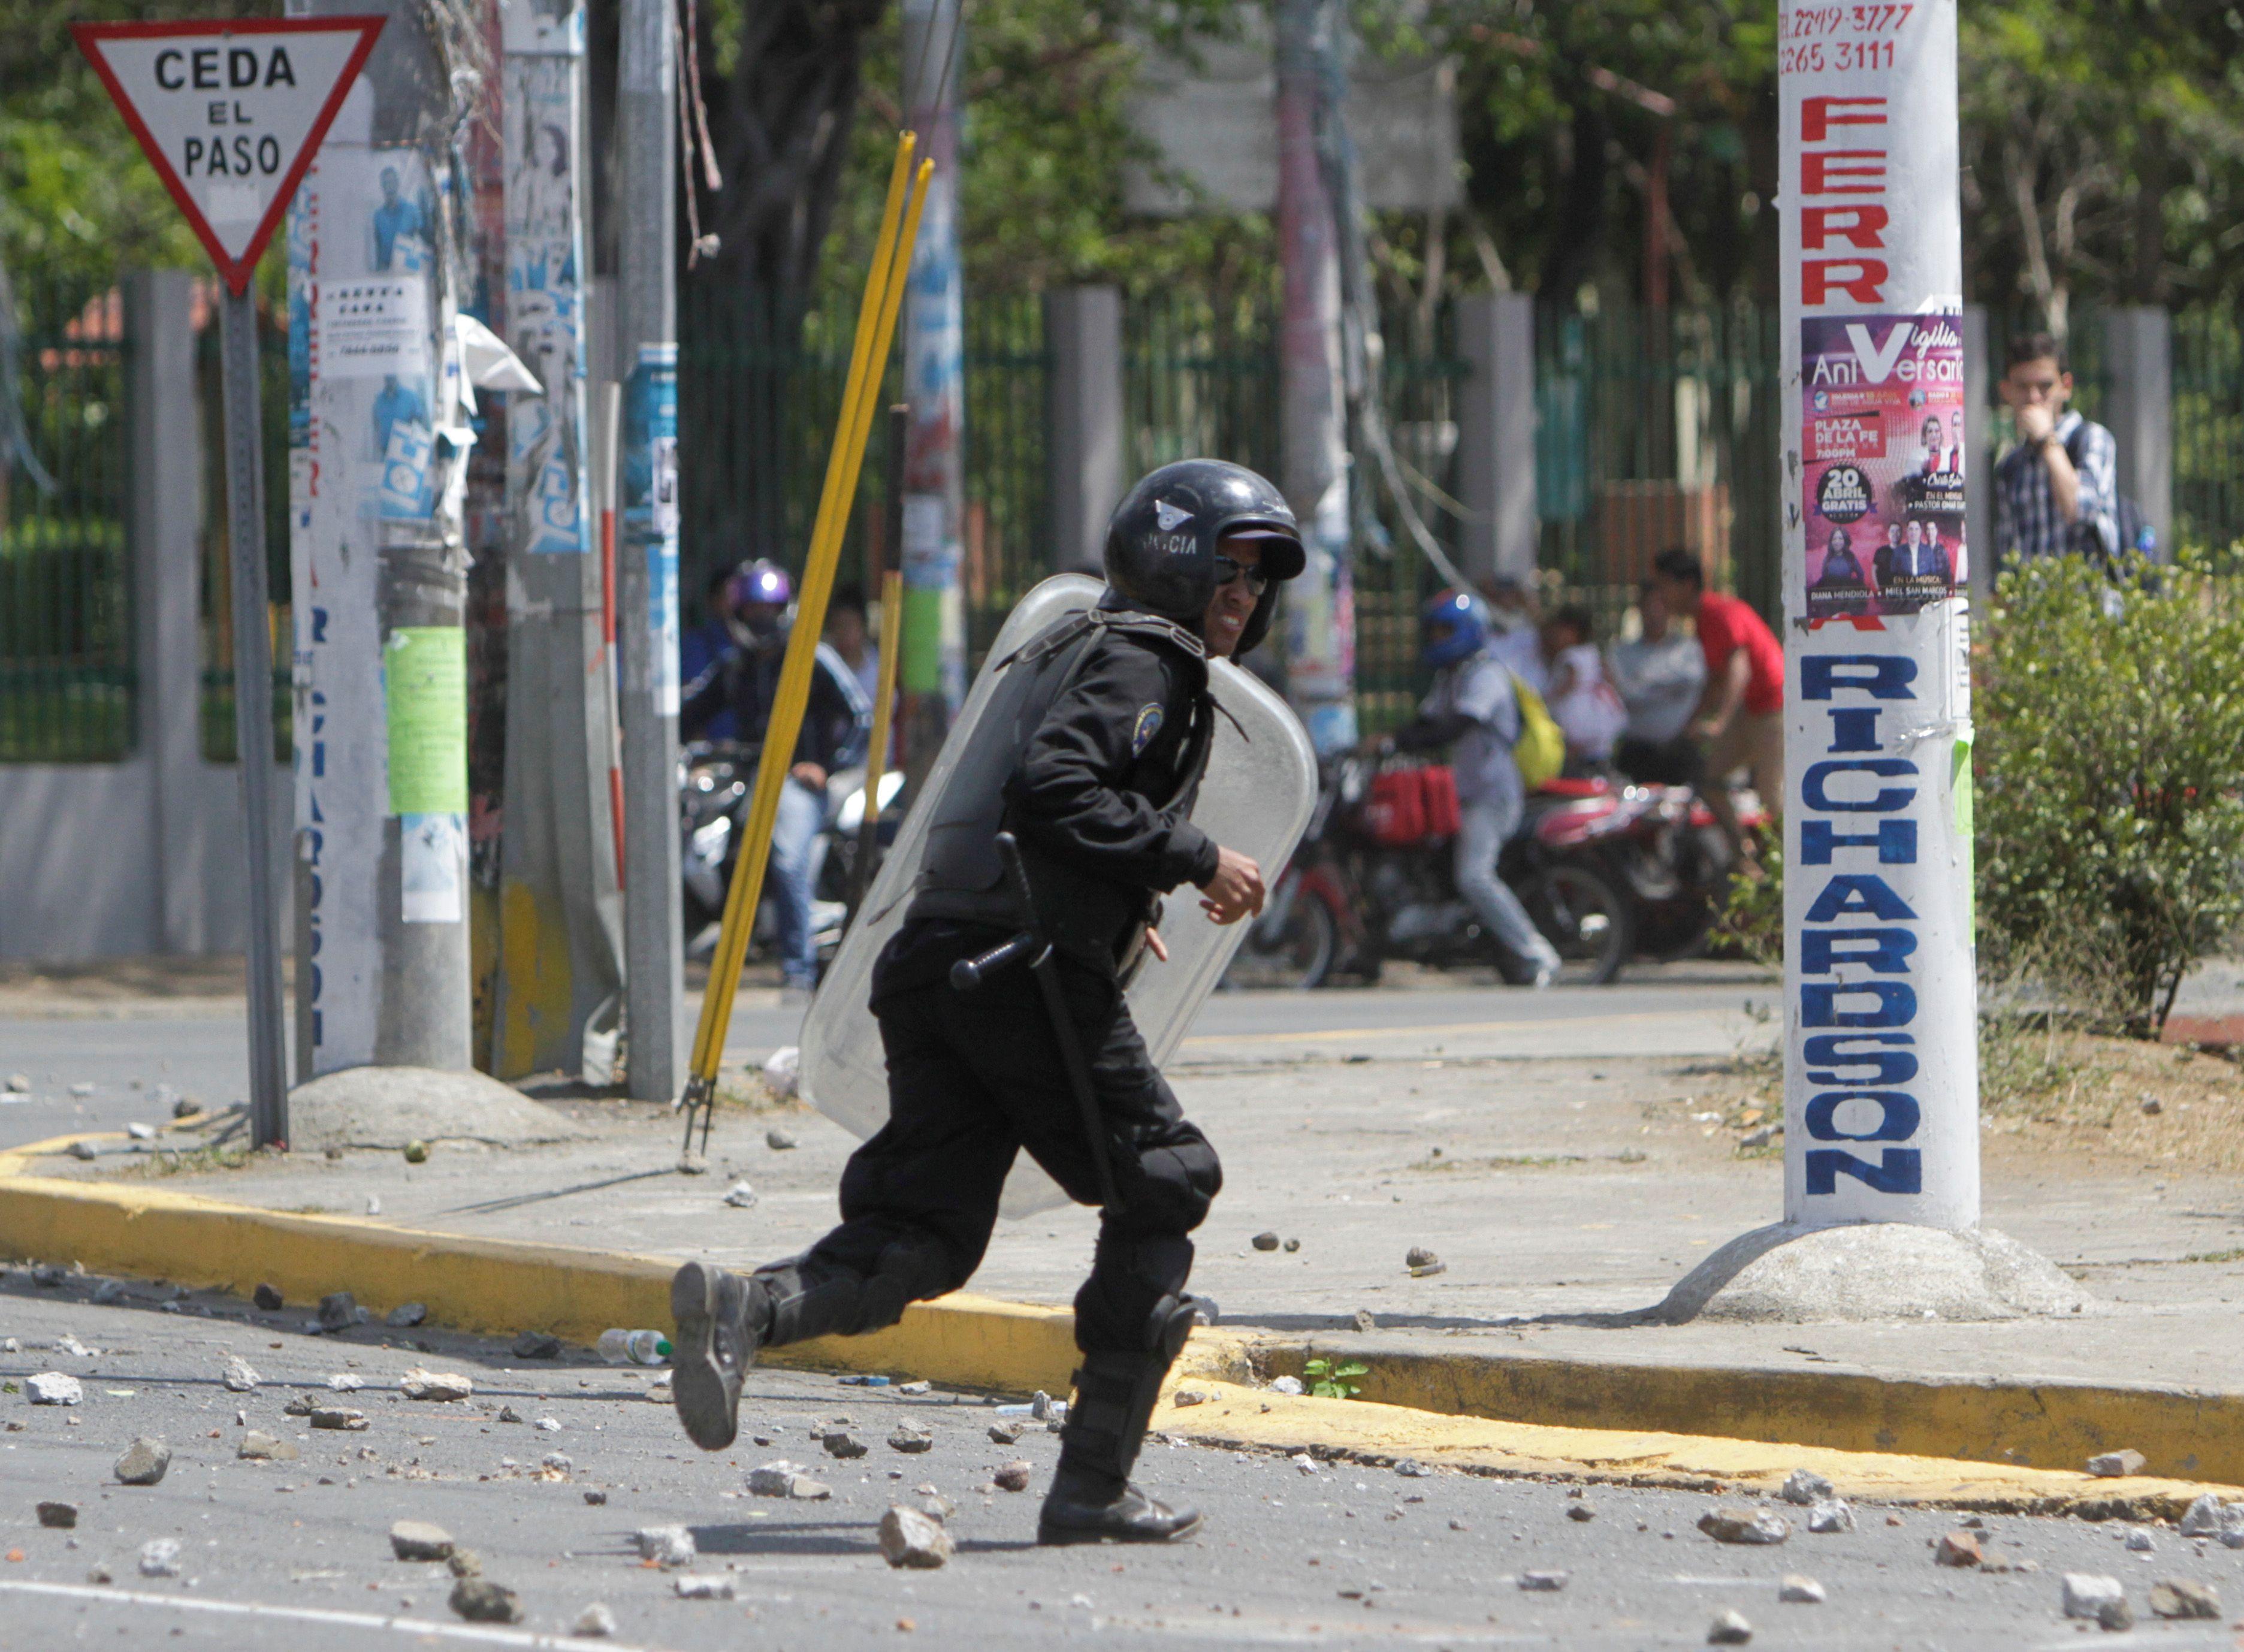 أحد عناصر الشرطة يجرى من حجارة المتظاهرين